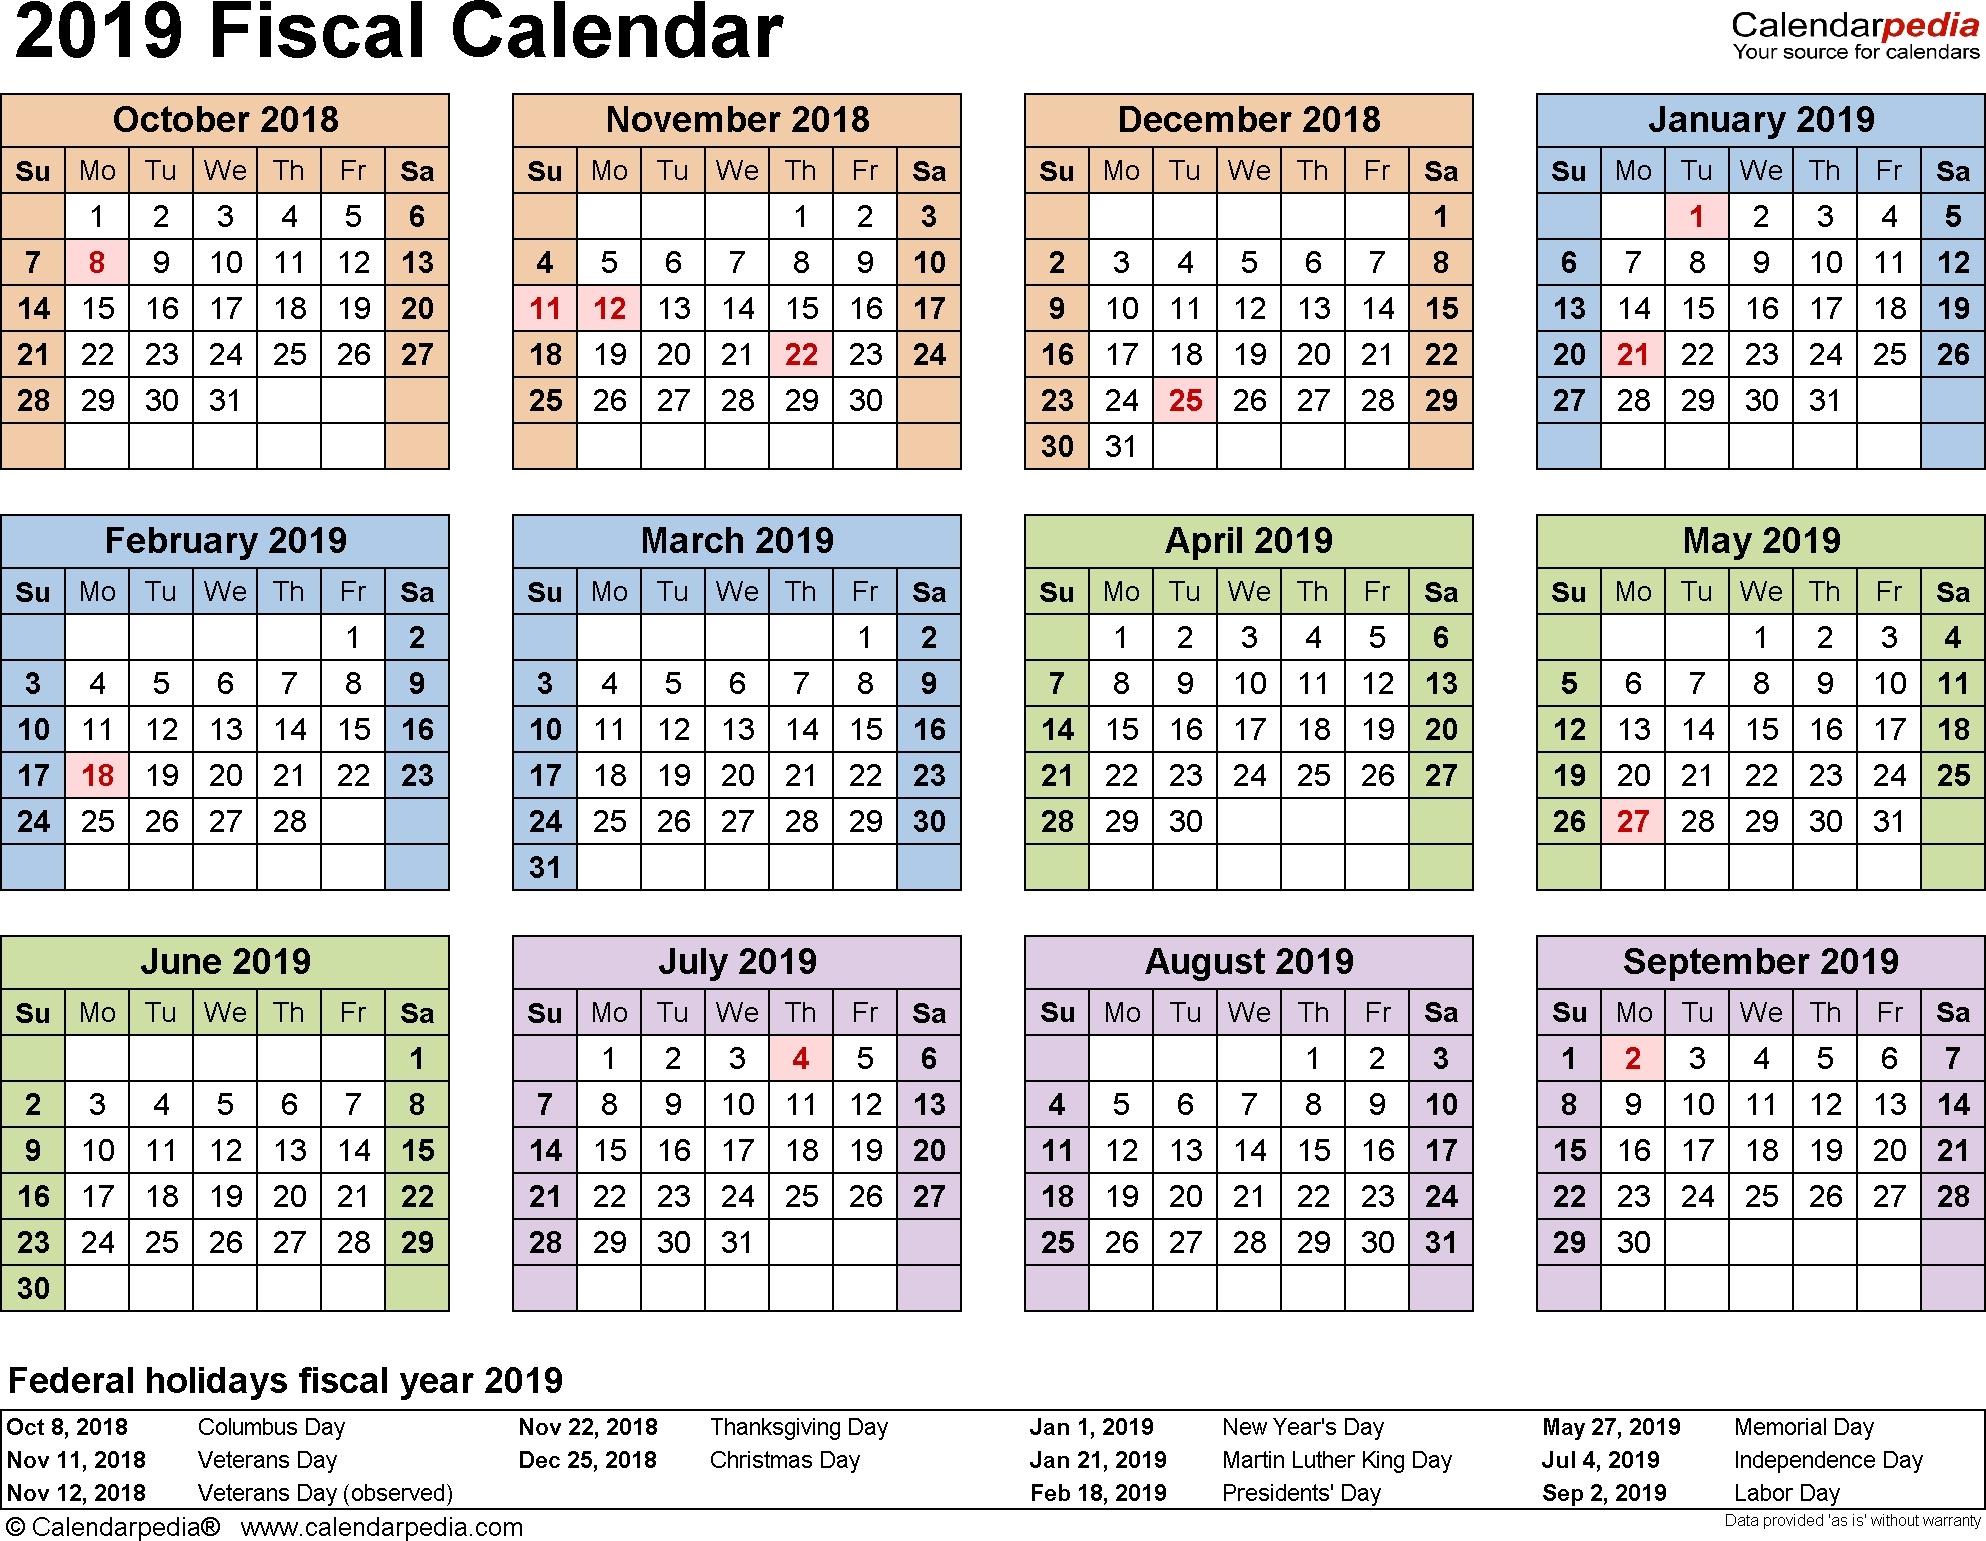 Get Finacial Working Week Numbers From Aprol